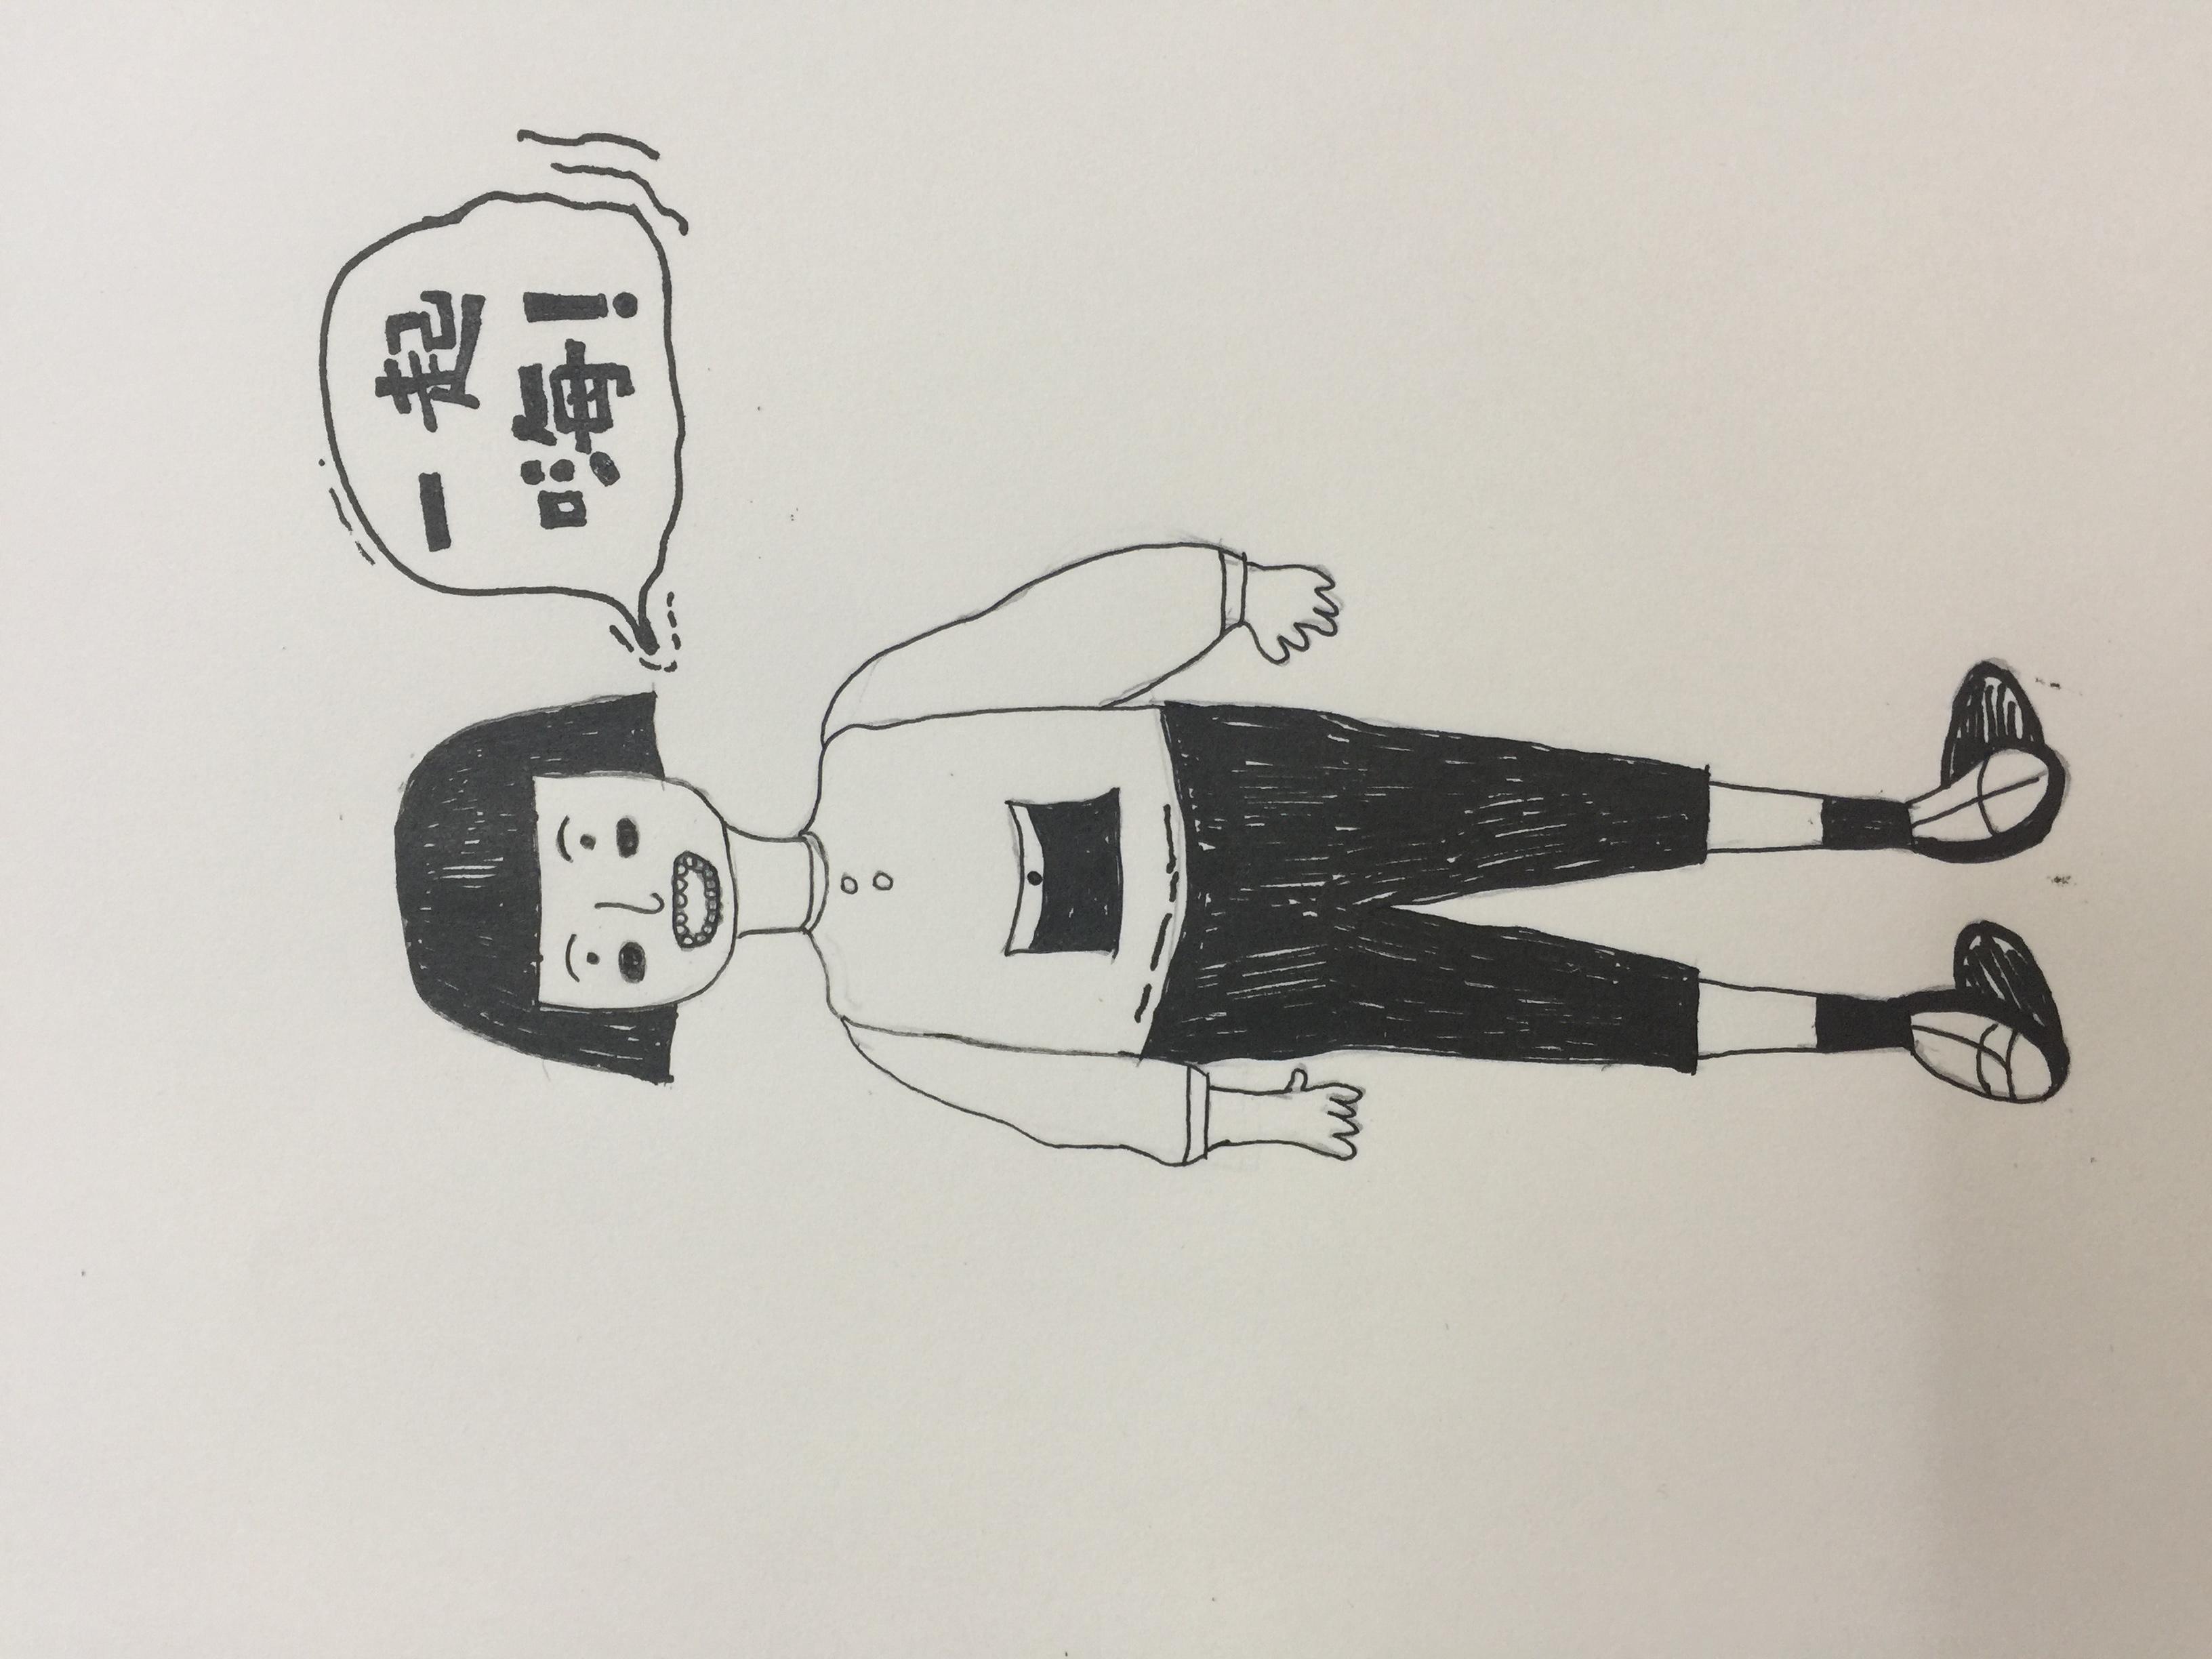 手绘女孩|插画|插画习作|仰望666 - 临摹作品 - 站酷